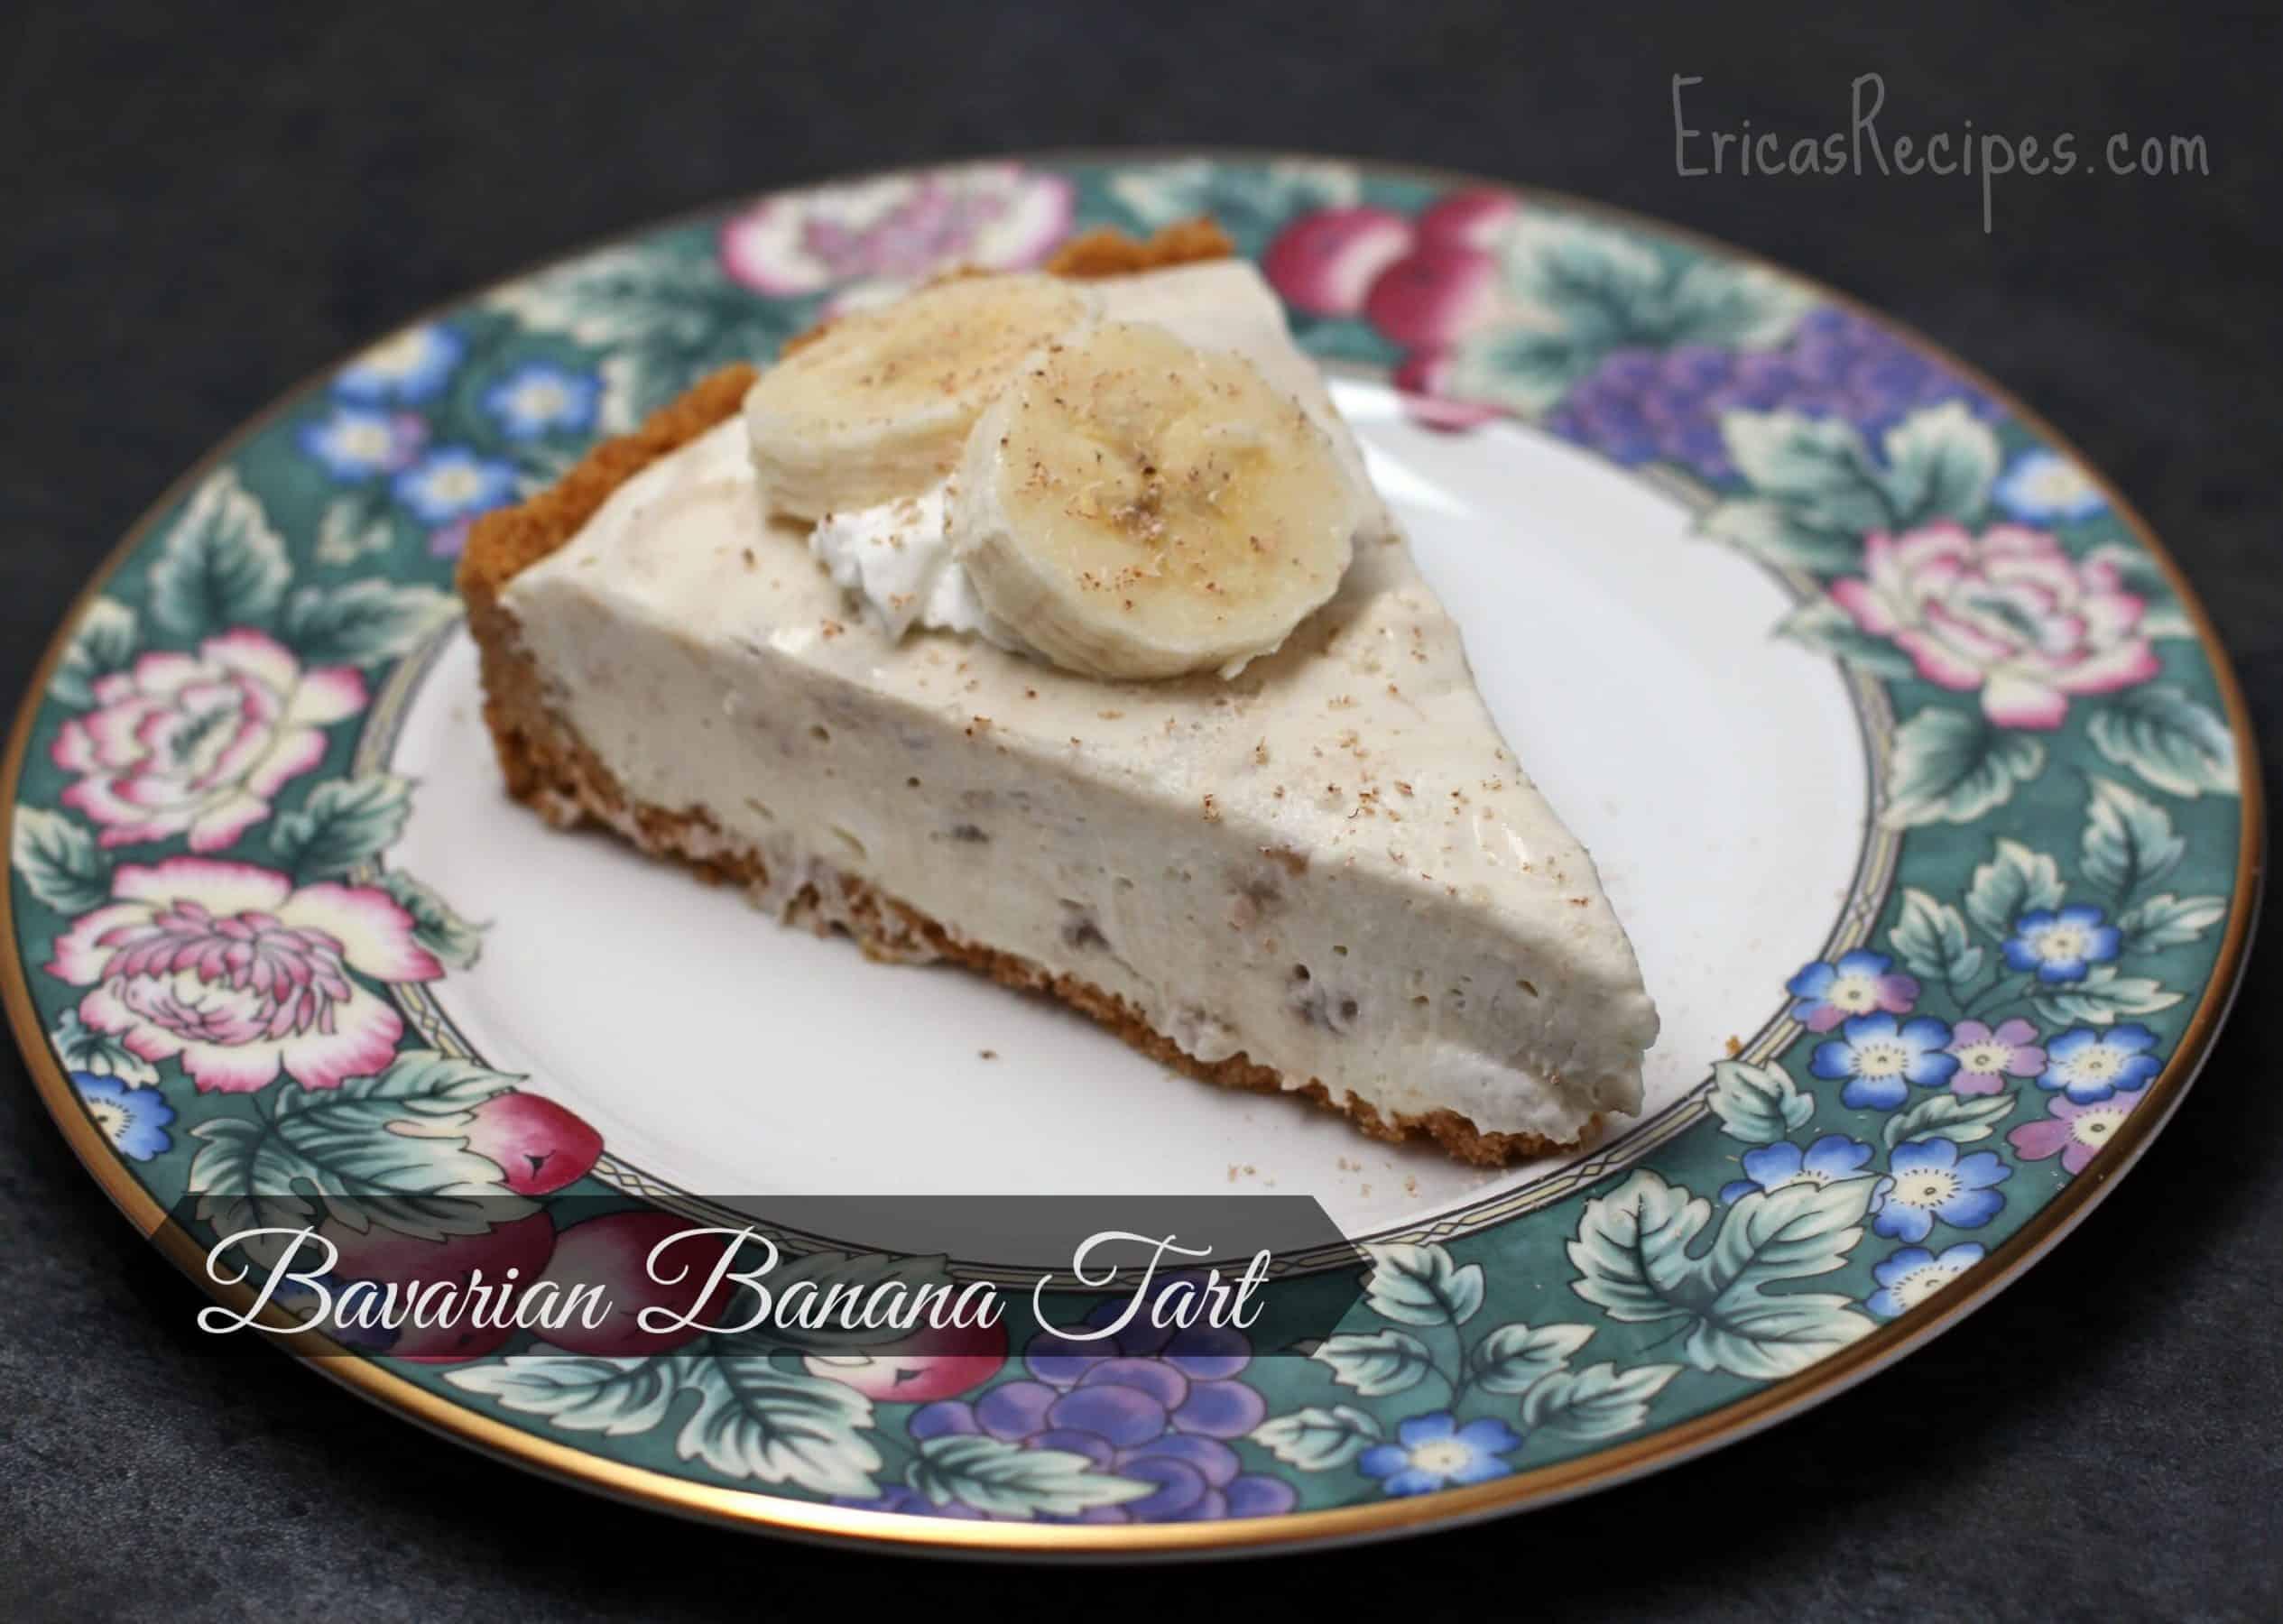 Bavarian Banana Tart